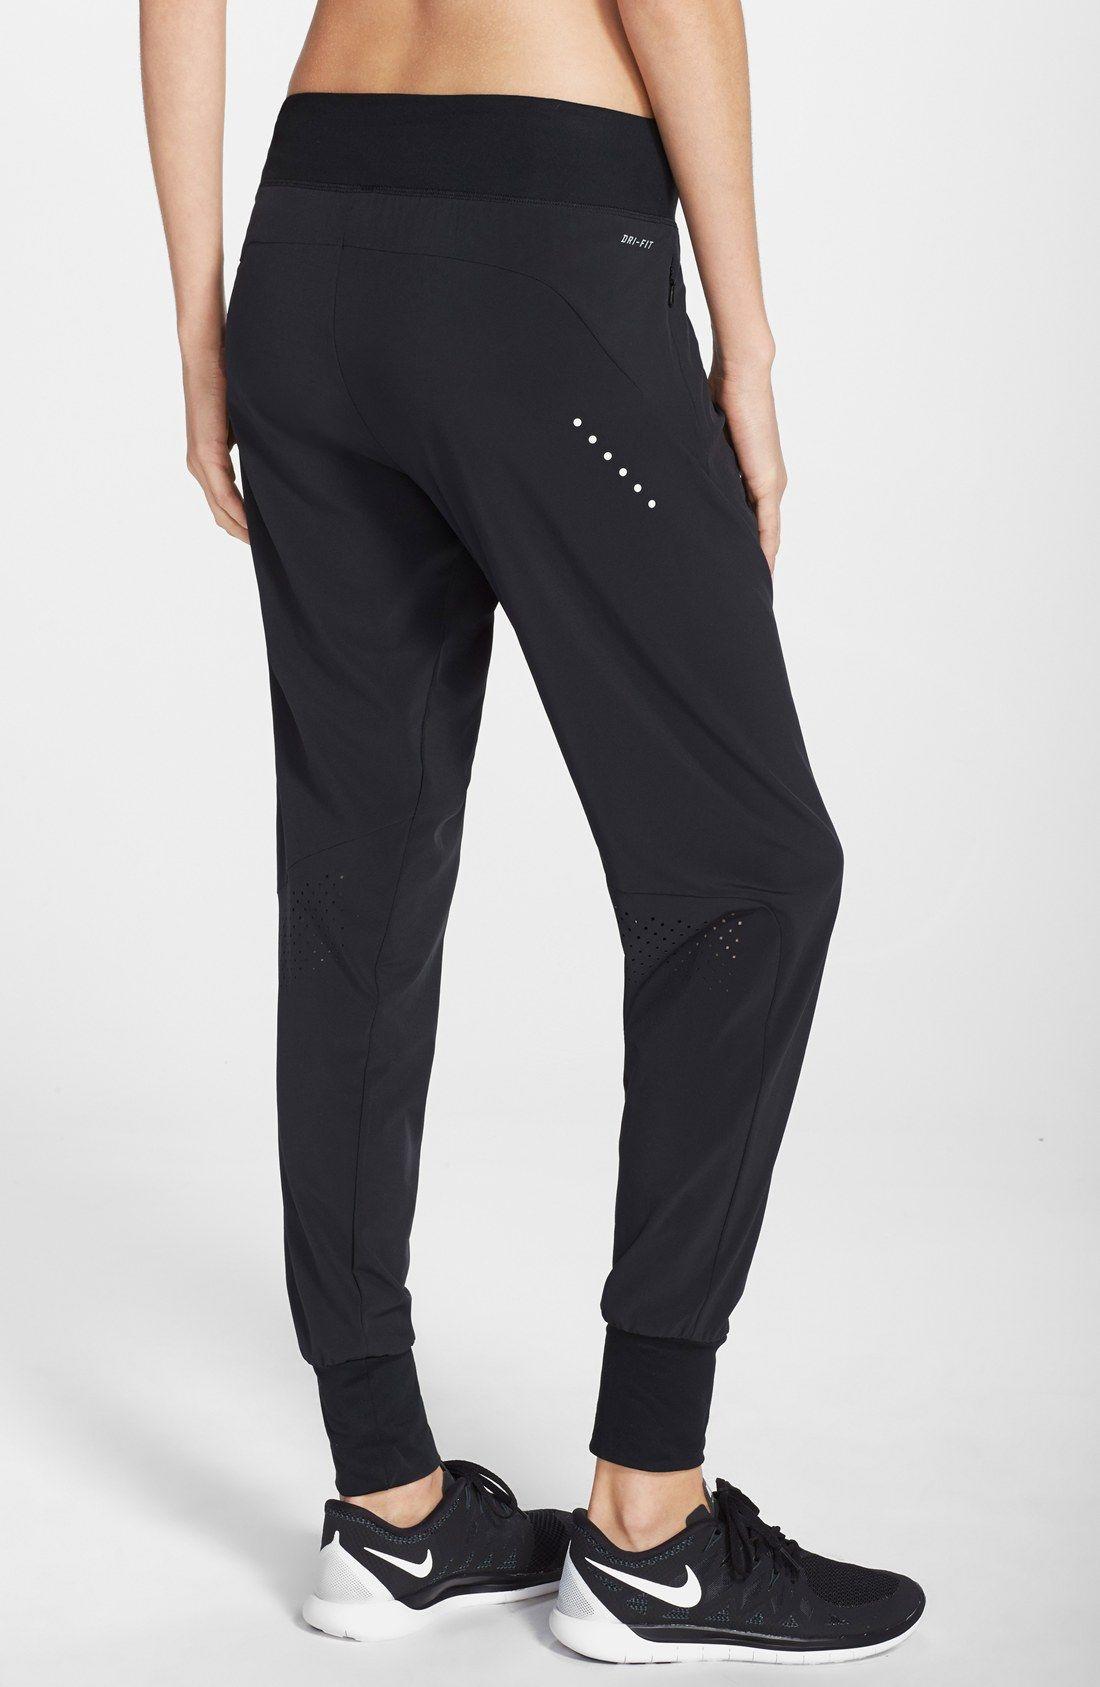 PantsDri Jogger TopTankamp; Style Fit Nike PantsMy AR3j45L